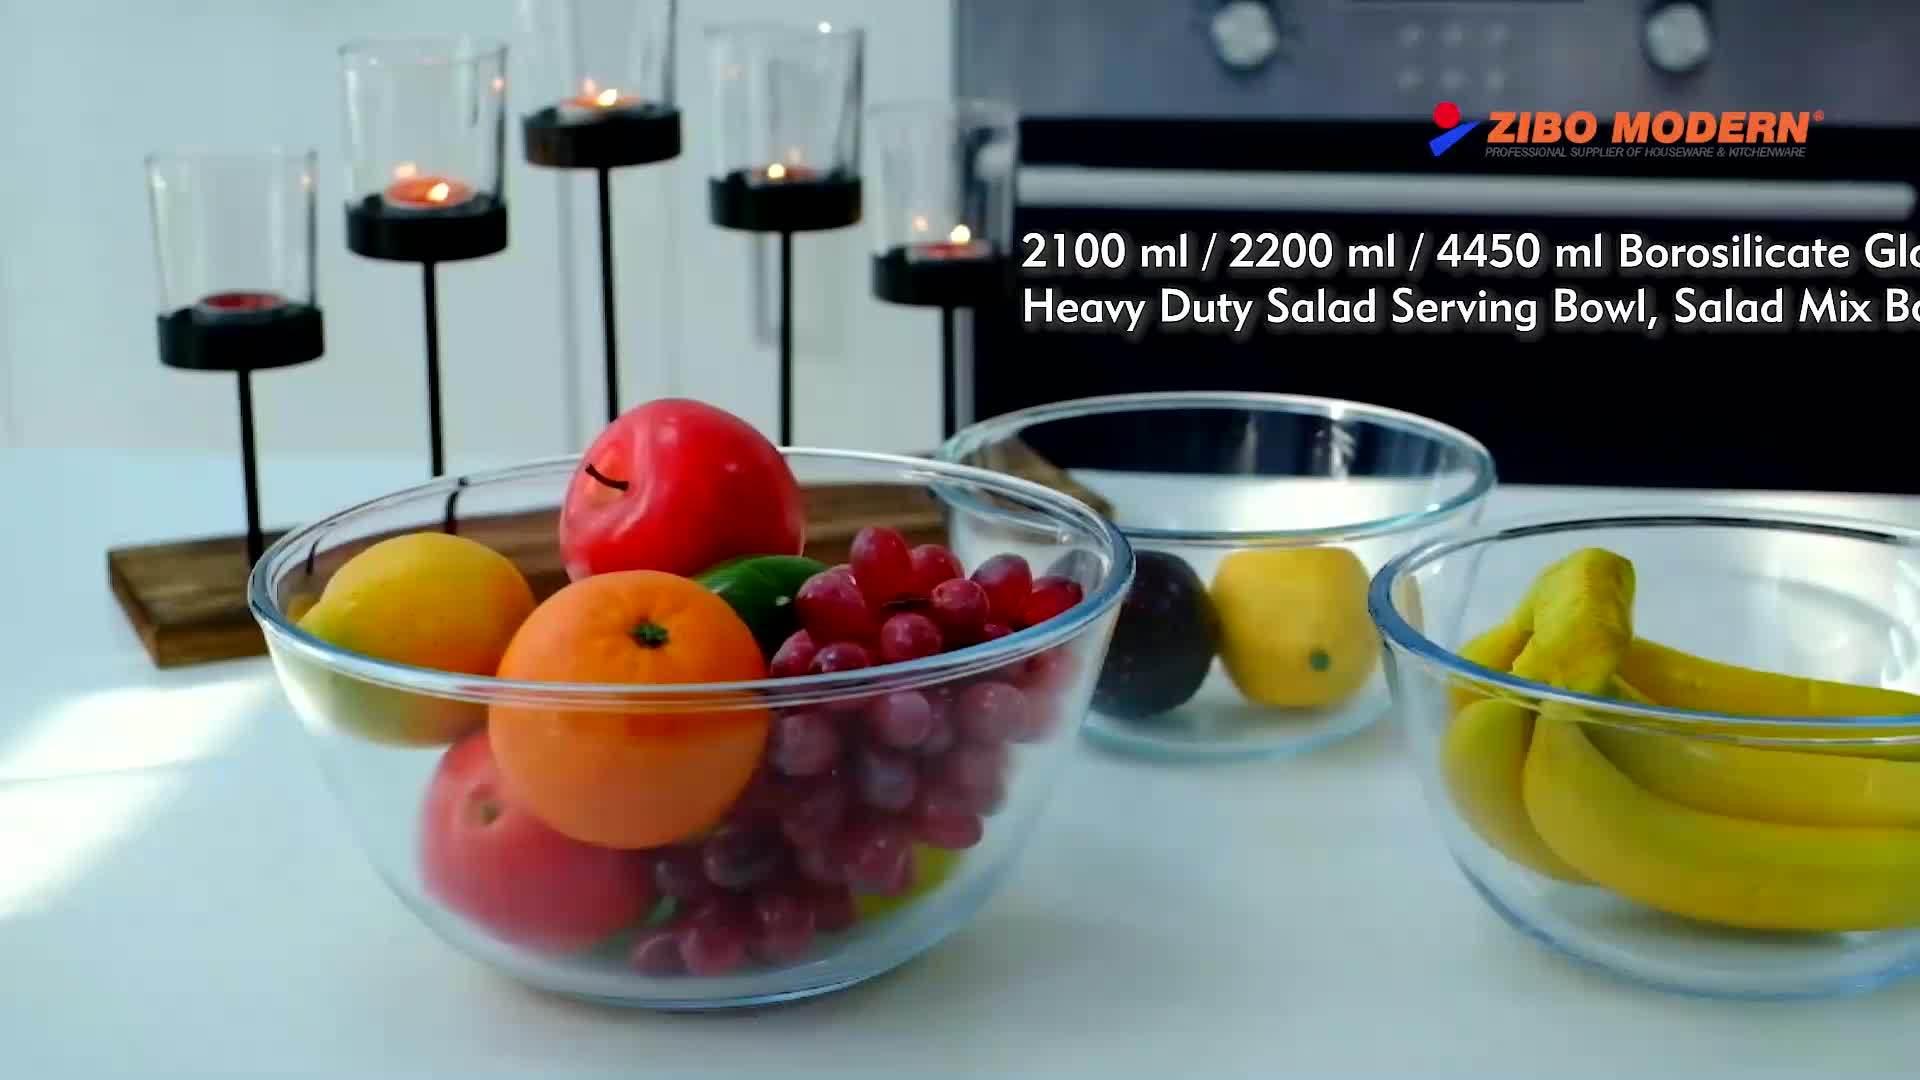 2100 мл / 2200 мл / 4450 мл боросиликатного стекла Салат для тяжелого режима работы в чаше, салат смешайте чаша